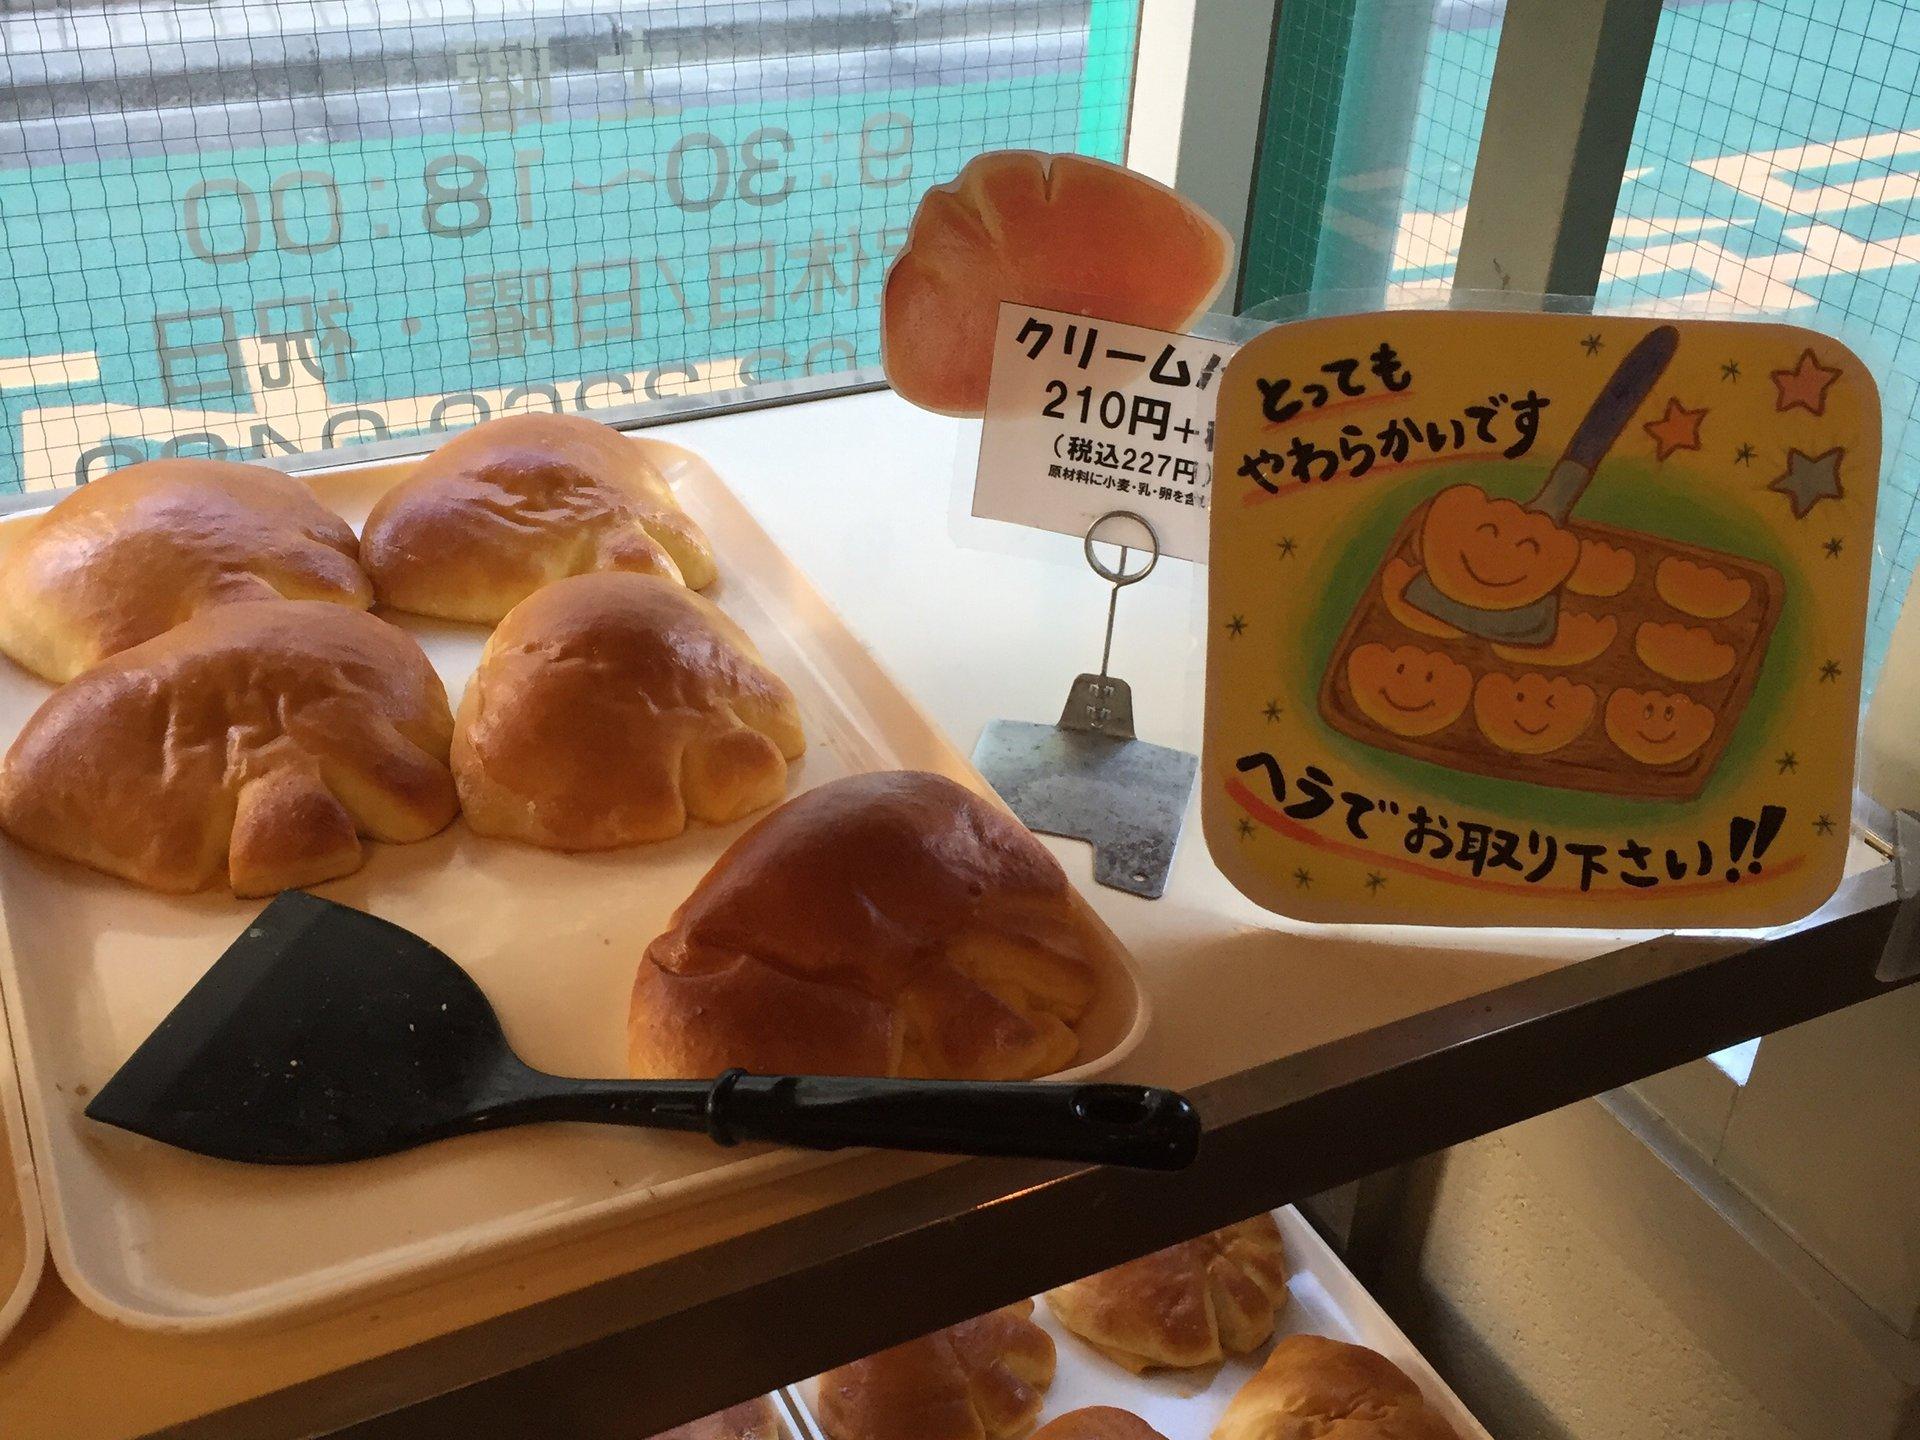 【神楽坂で有名な美味しいパン屋さん】緑色と亀が目印のお店『亀井堂』の大人気クリームパン♪